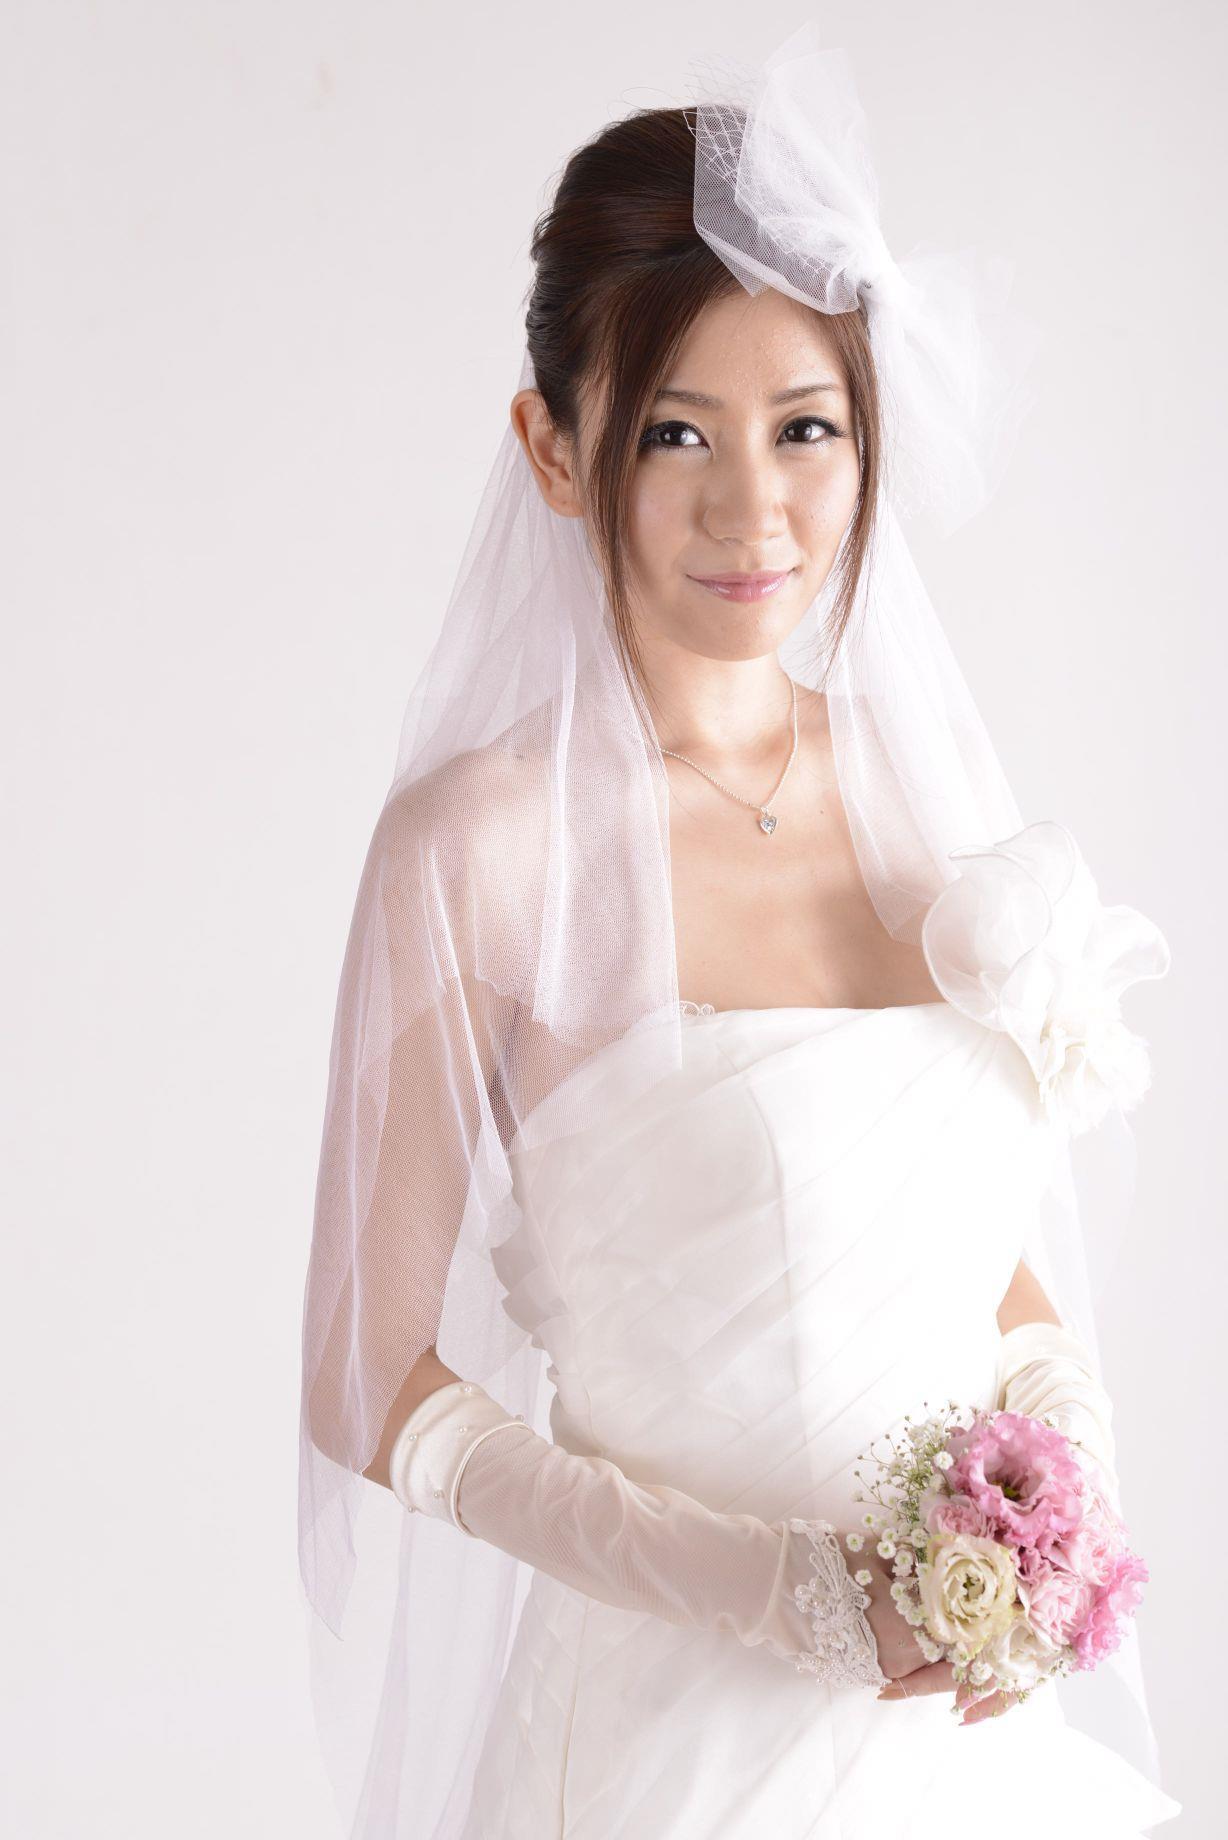 前田かおり ウェディングドレス画像 35